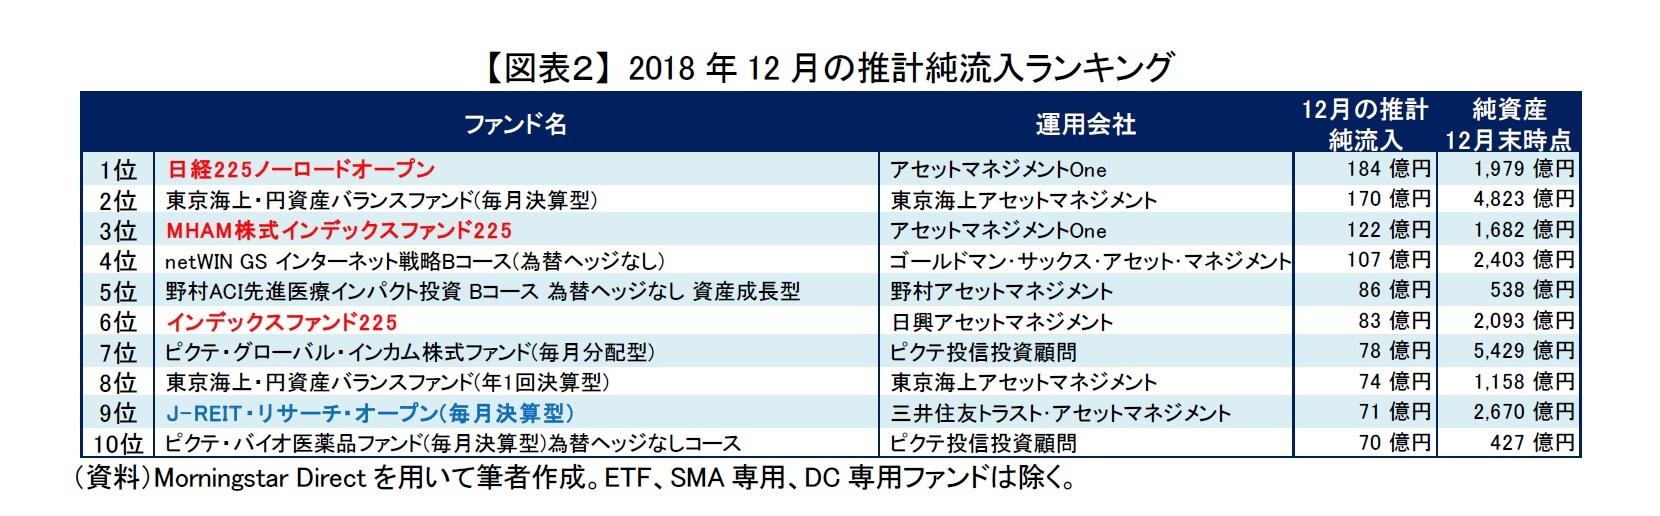 【図表2】 2018年12月の推計純流入ランキング